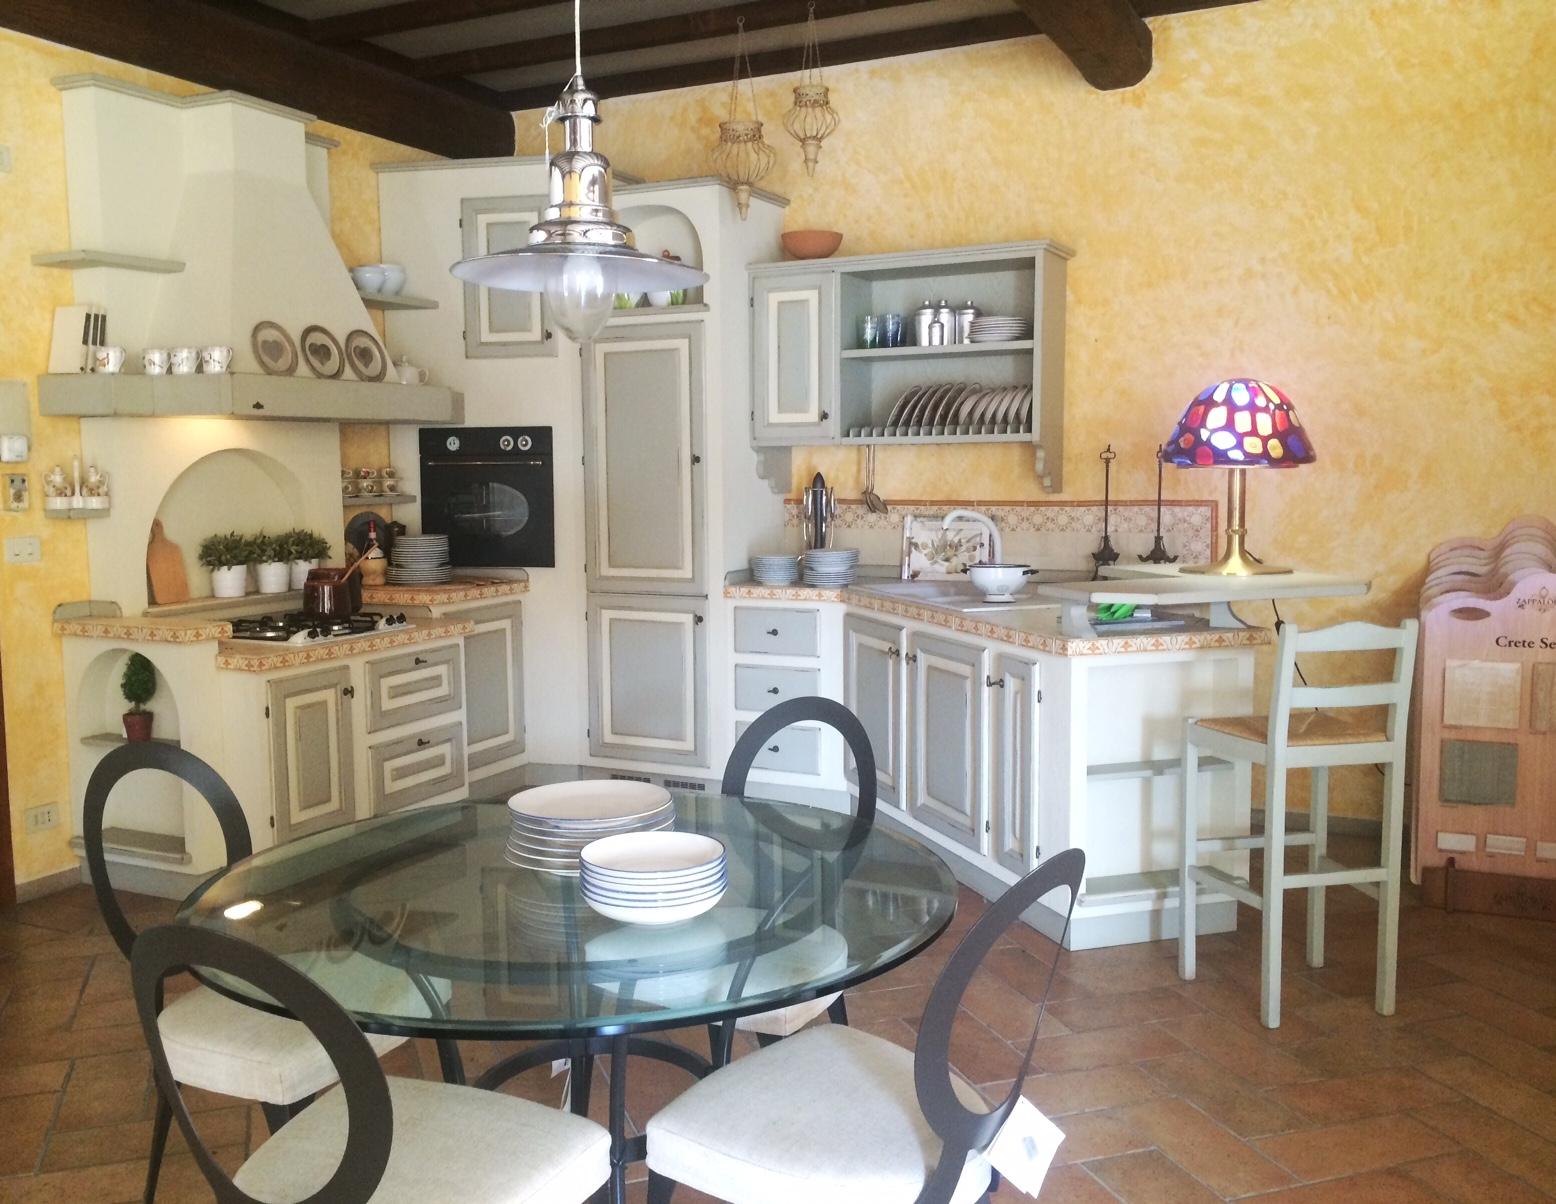 Caminetto al centro della stanza - Cucine con forno ad angolo ...